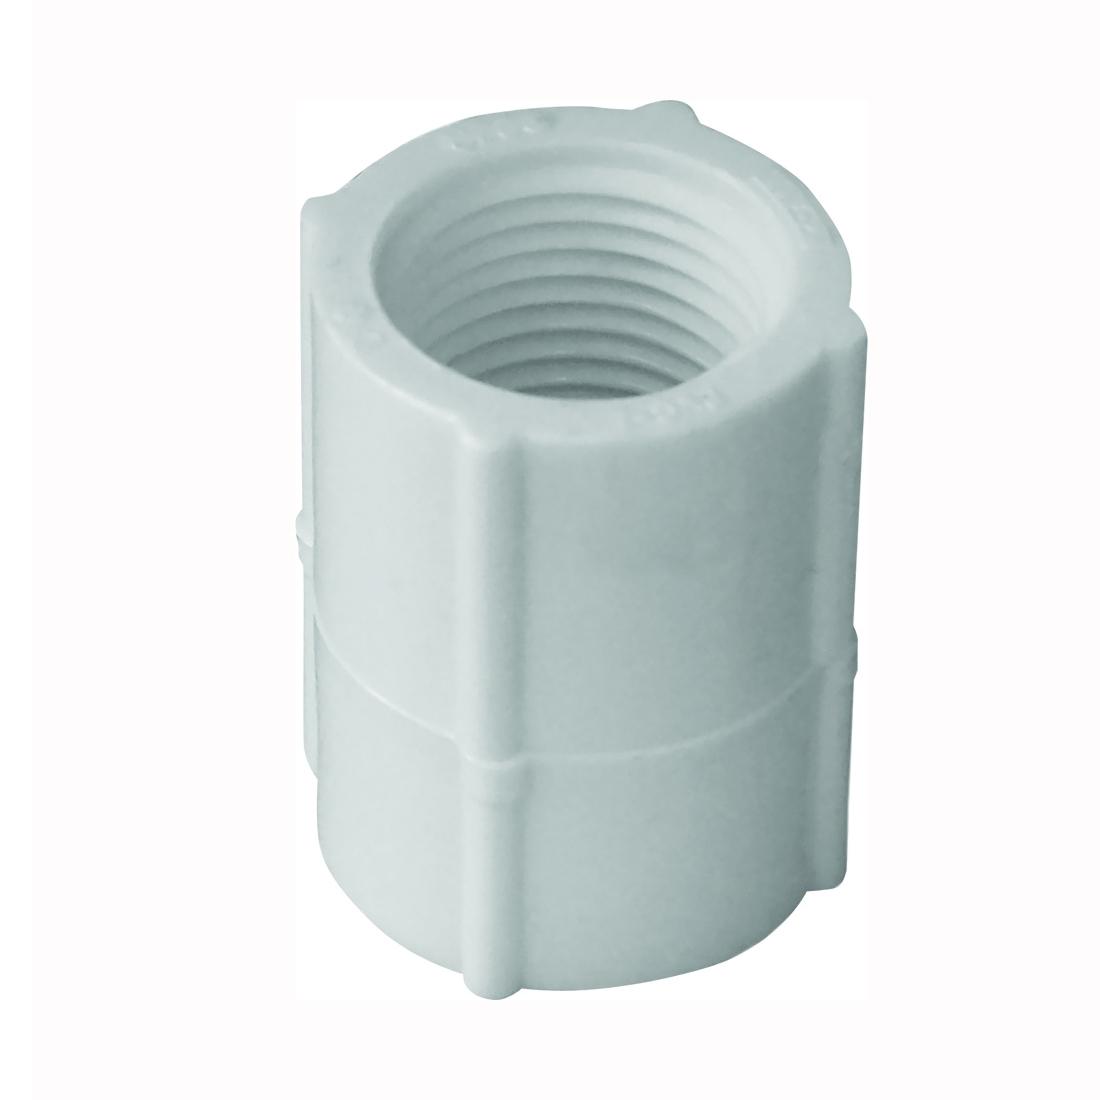 Picture of GENOVA 300 Series 30127 Pipe Coupler, 3/4 in, FIP, White, SCH 40 Schedule, 480 psi Pressure